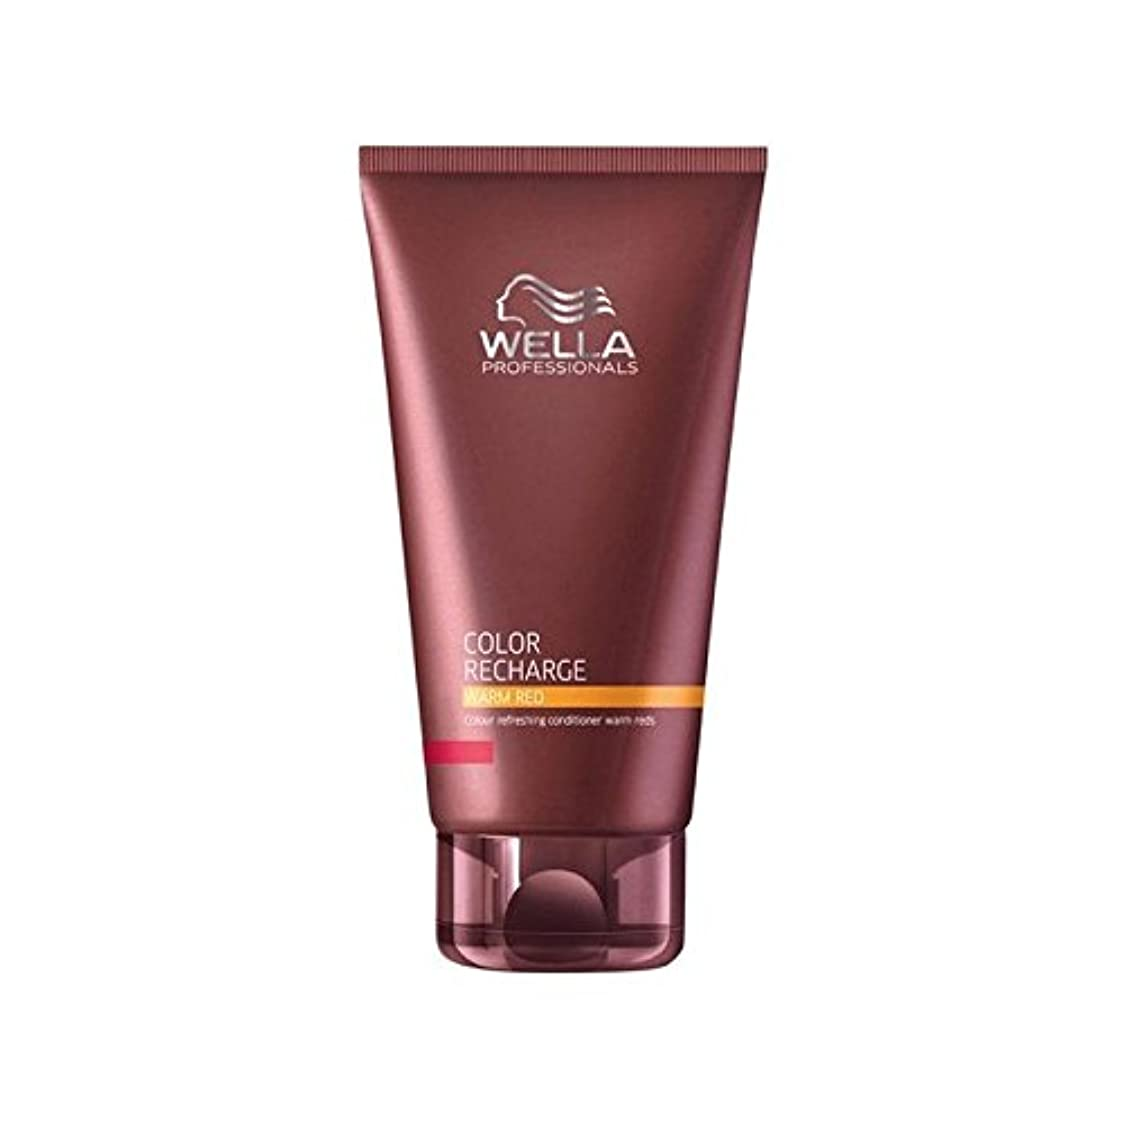 ネクタイ湿気の多い徴収Wella Professionals Color Recharge Conditioner Warm Red (200ml) - ウエラ専門家のカラー再充電コンディショナー暖かい赤(200ミリリットル) [並行輸入品]